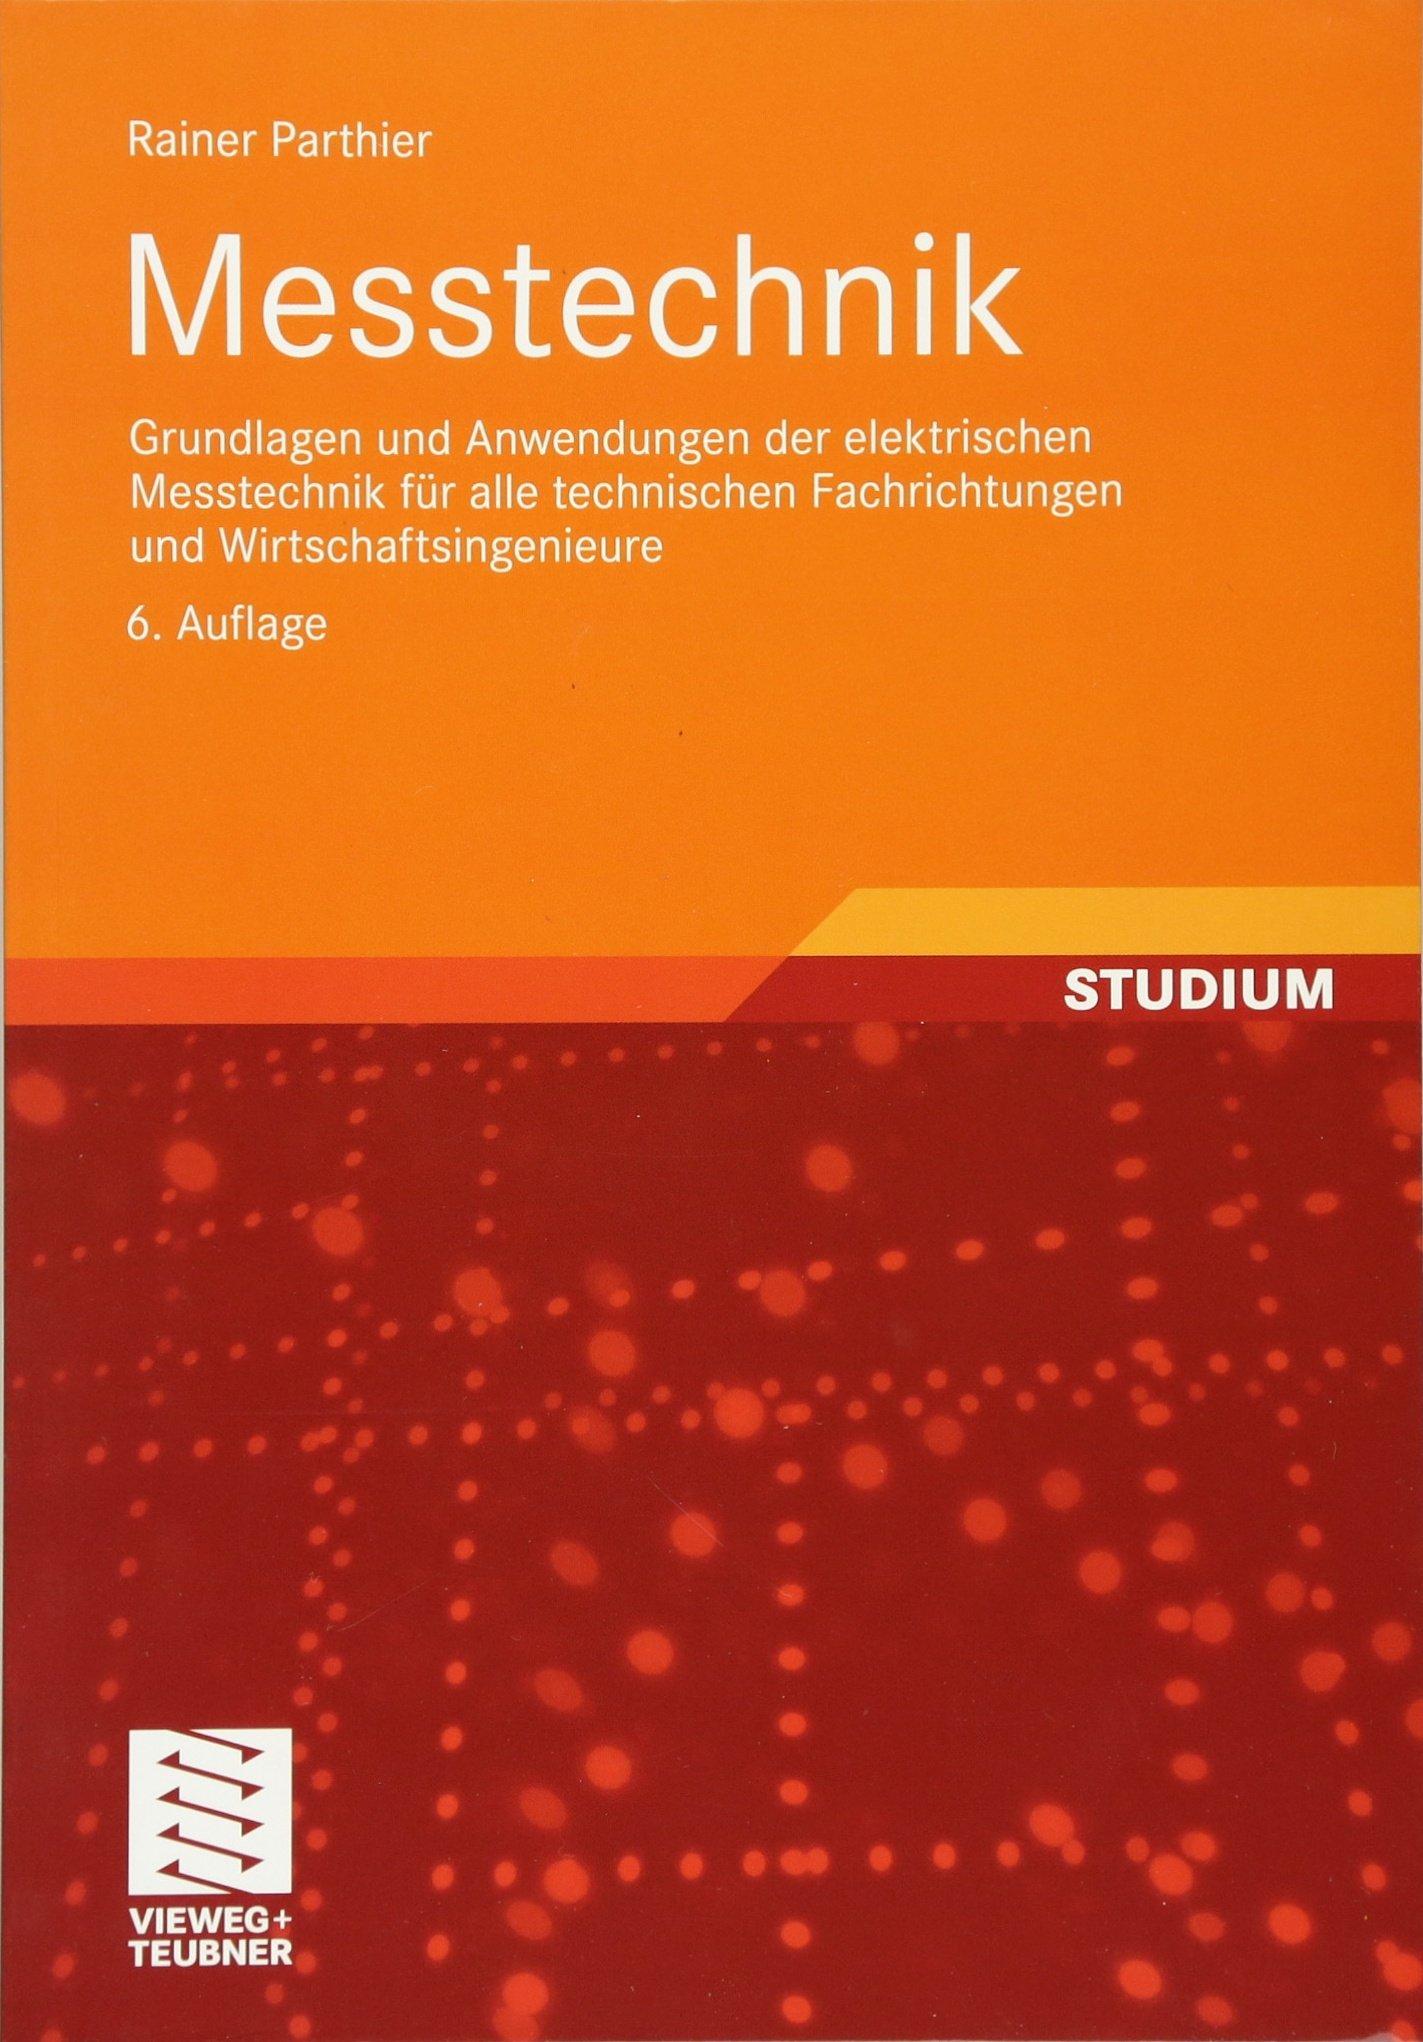 Messtechnik: Grundlagen und Anwendungen der elektrischen Messtechnik ...